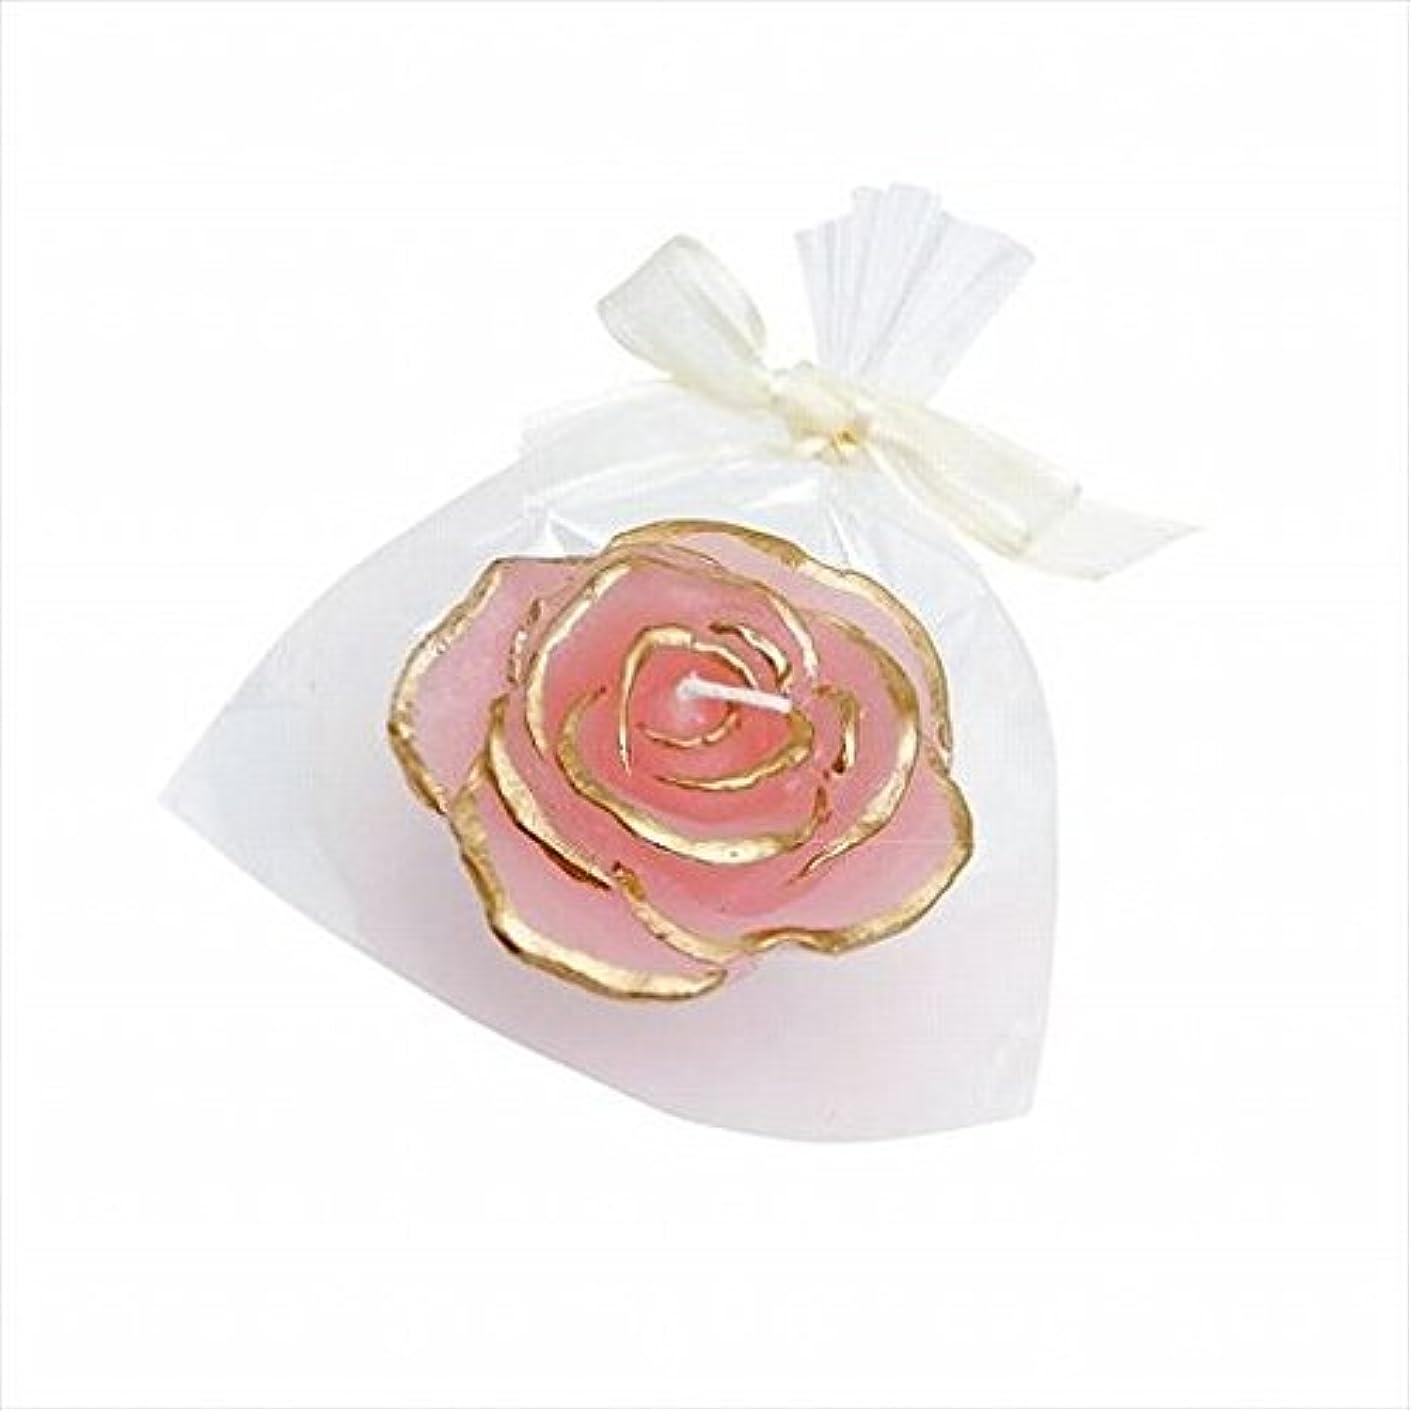 不完全風邪をひく特権的kameyama candle(カメヤマキャンドル) プリンセスローズ 「 ピンク 」(A6390500PK)